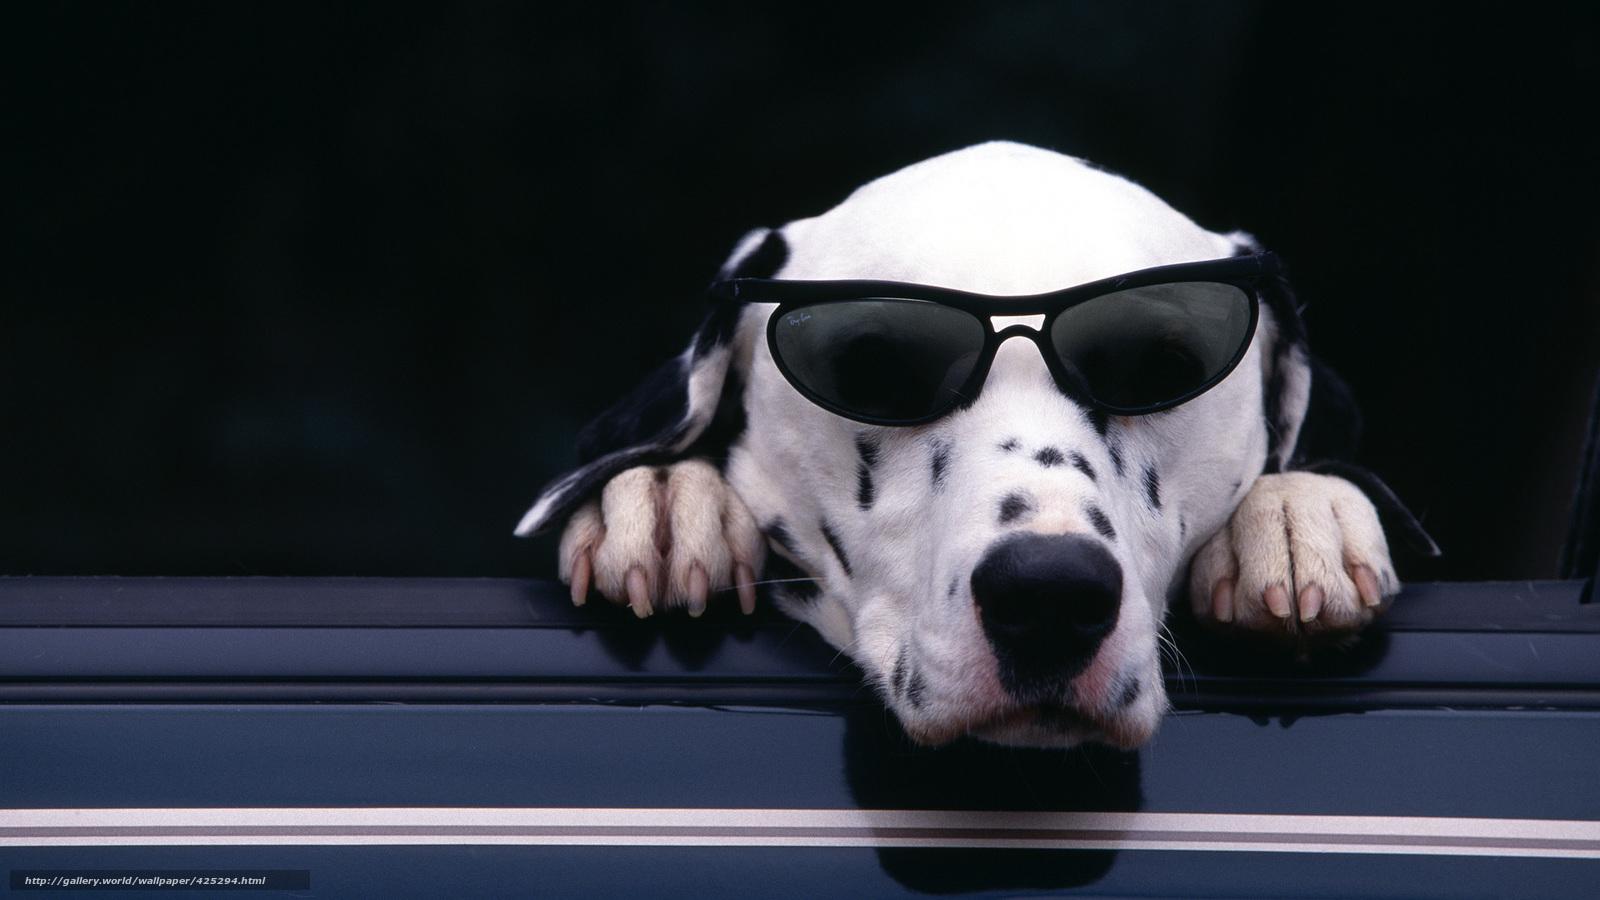 下载壁纸 达尔马提亚, 狗, 墨镜, 可爱 免费为您的桌面分辨率的壁纸